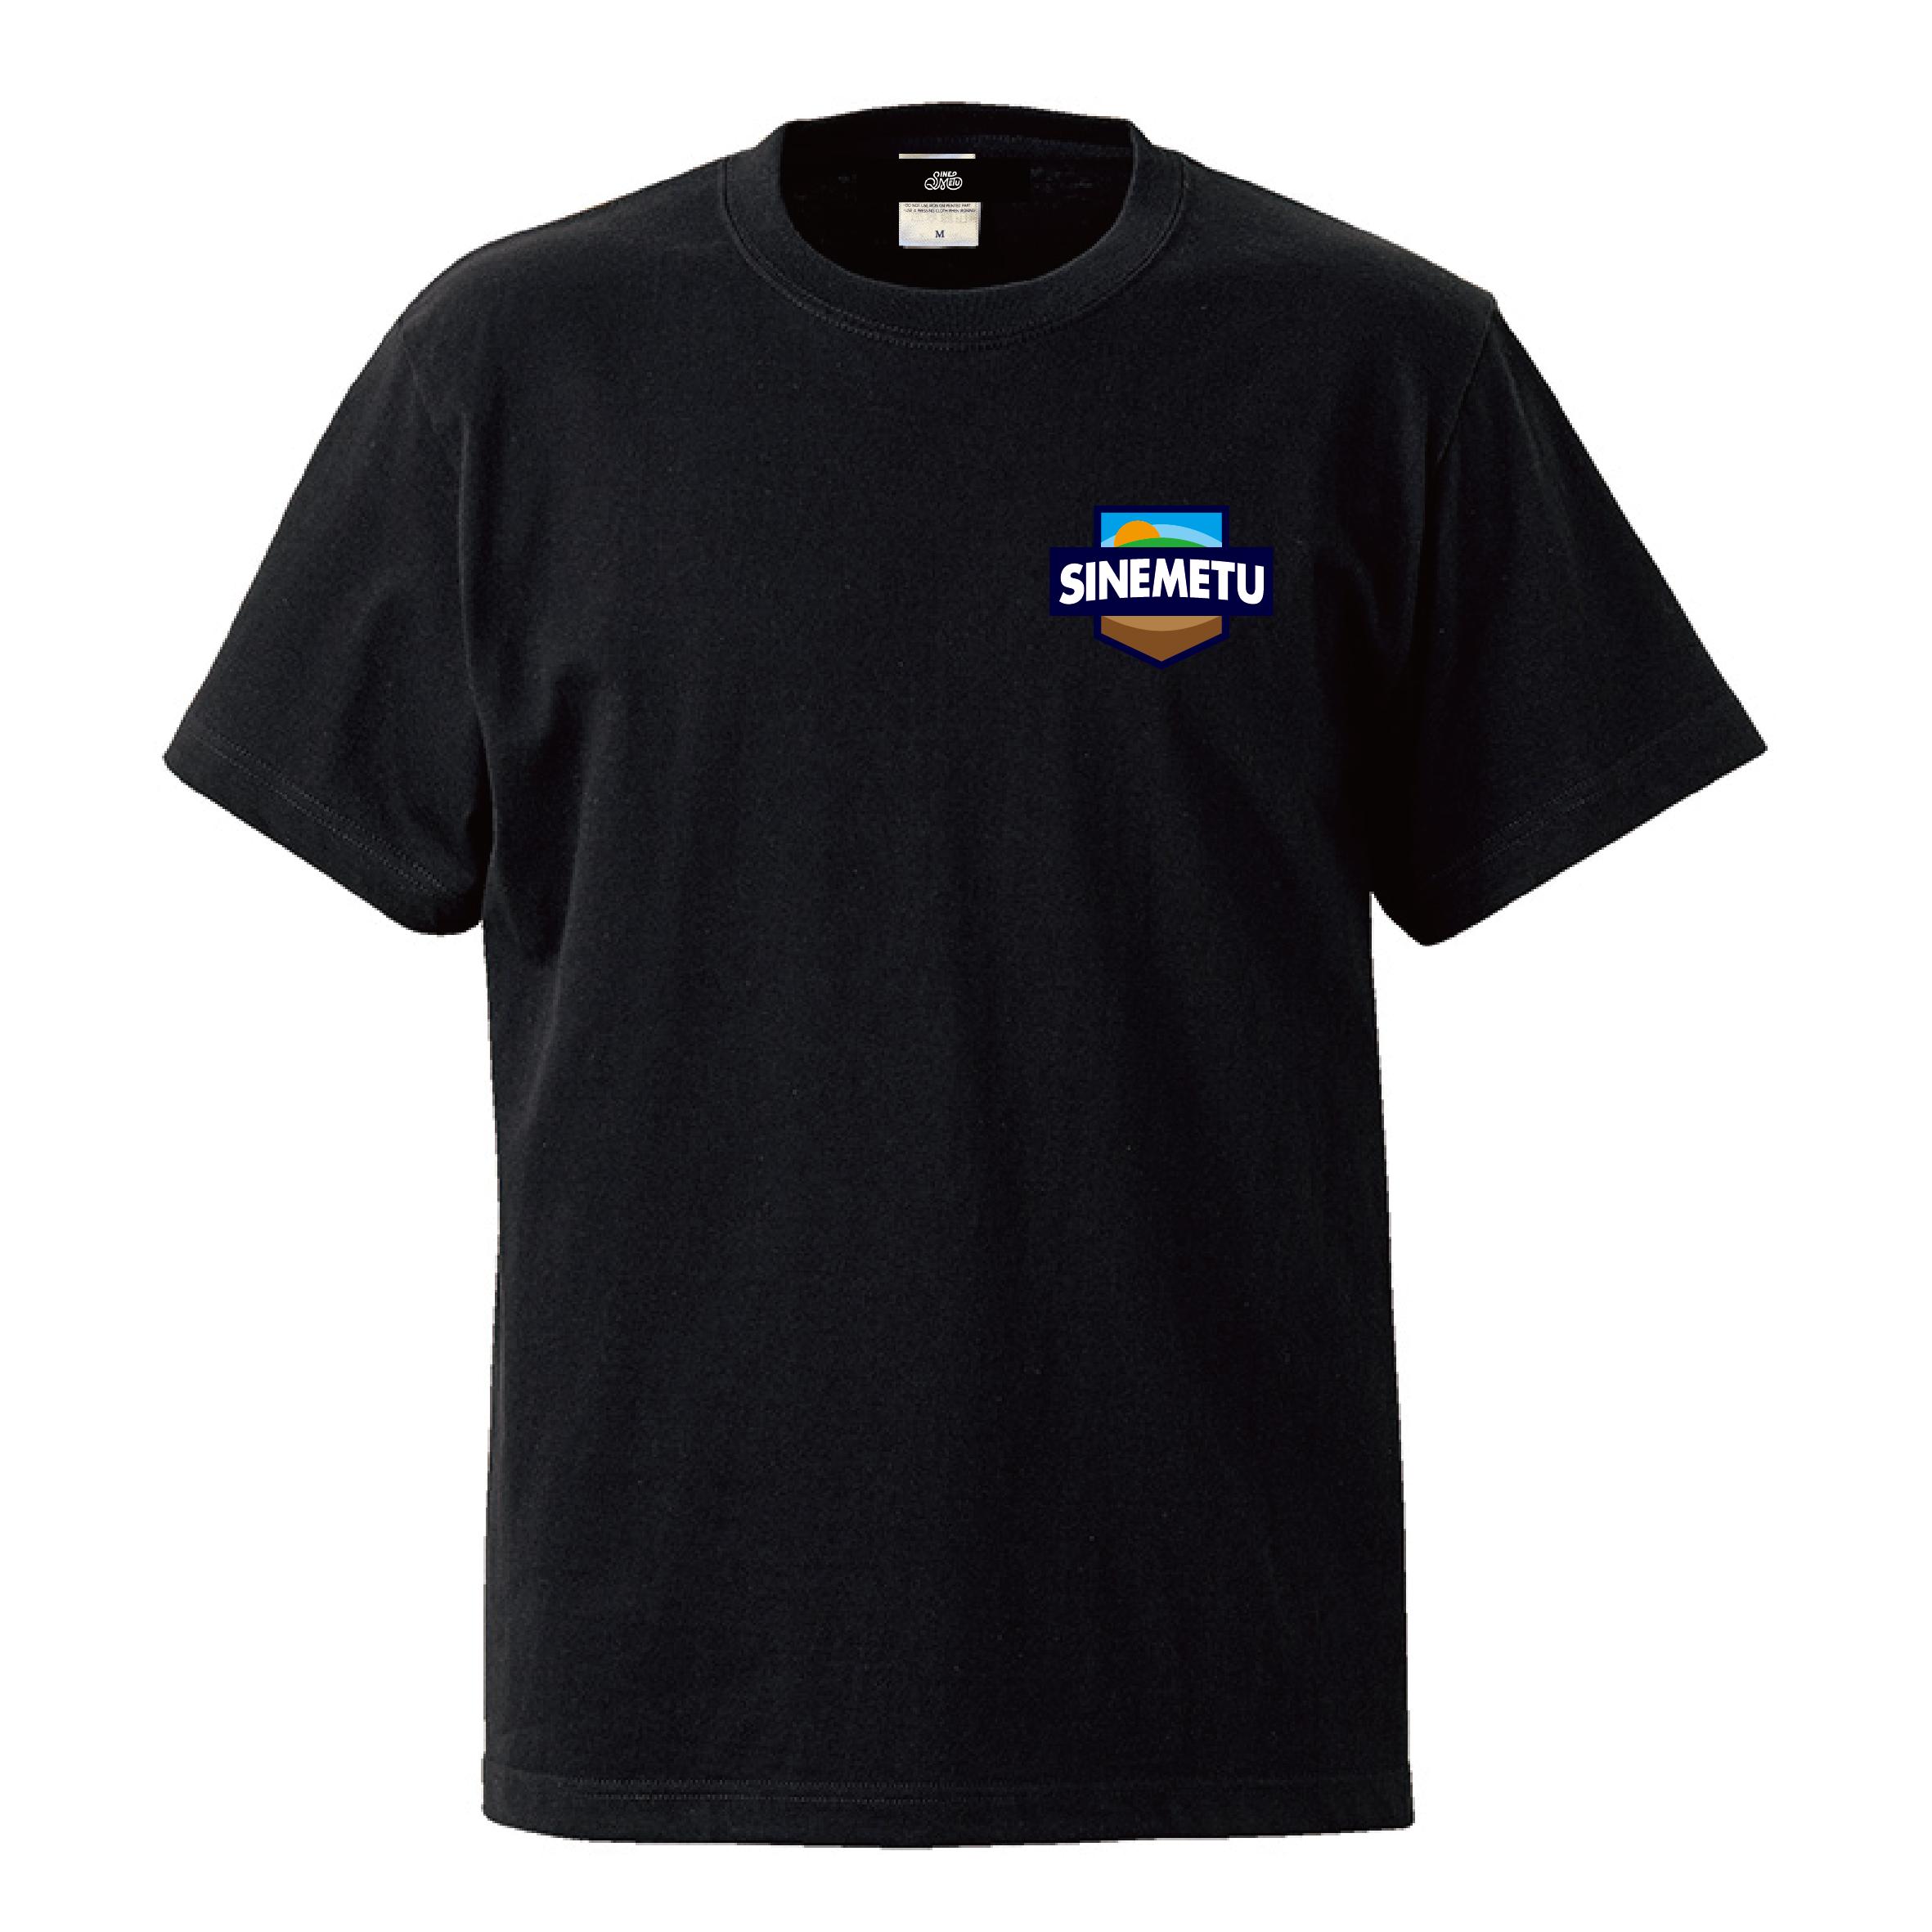 エンブレムTシャツ 半袖 / ブラック   SINE METU - シネメトゥ